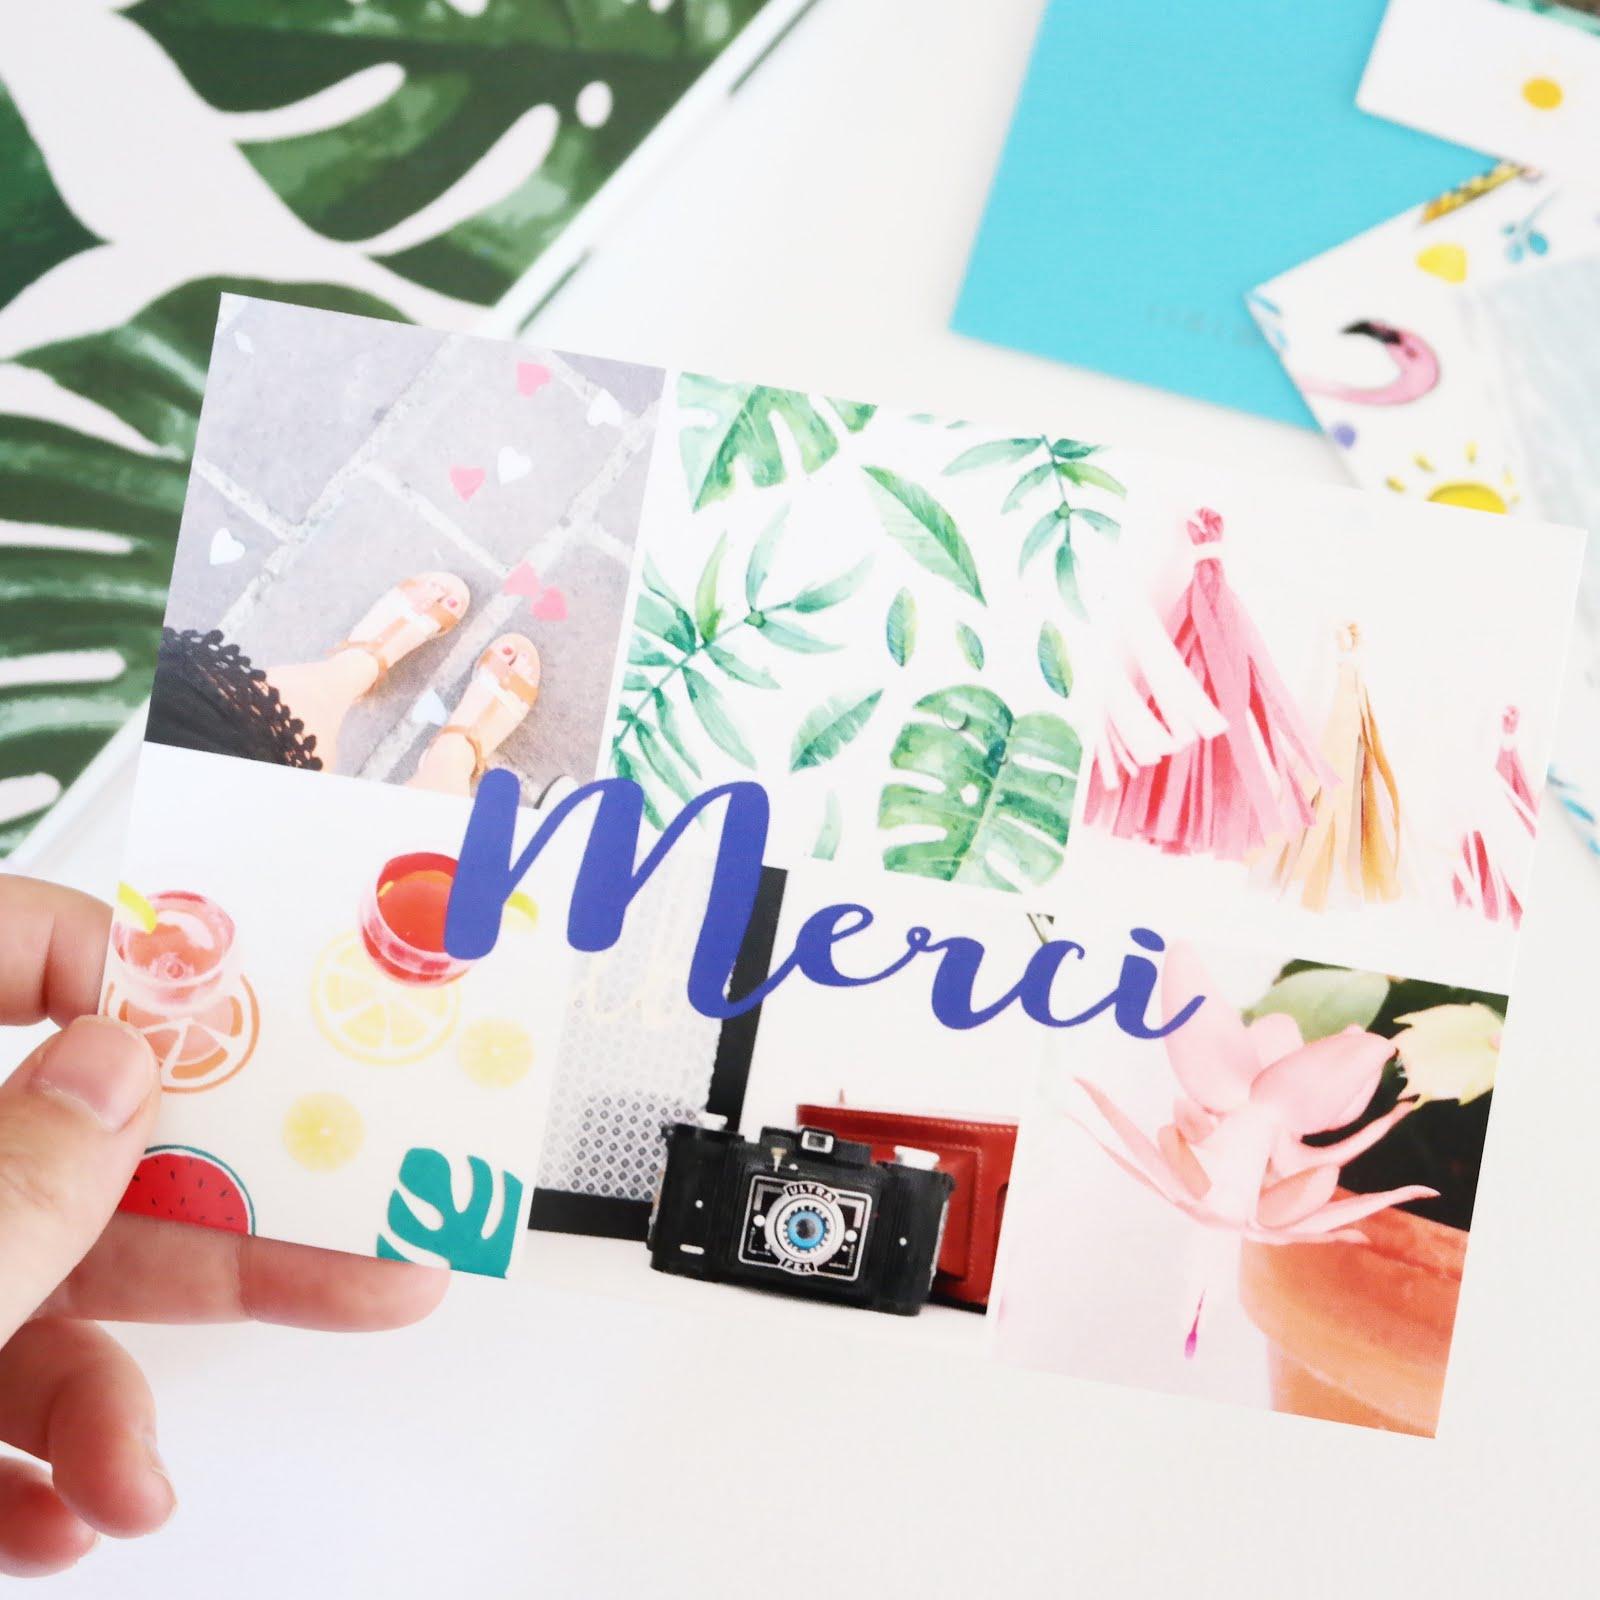 Envoyez vos cartes postales avec l'application FIZZER